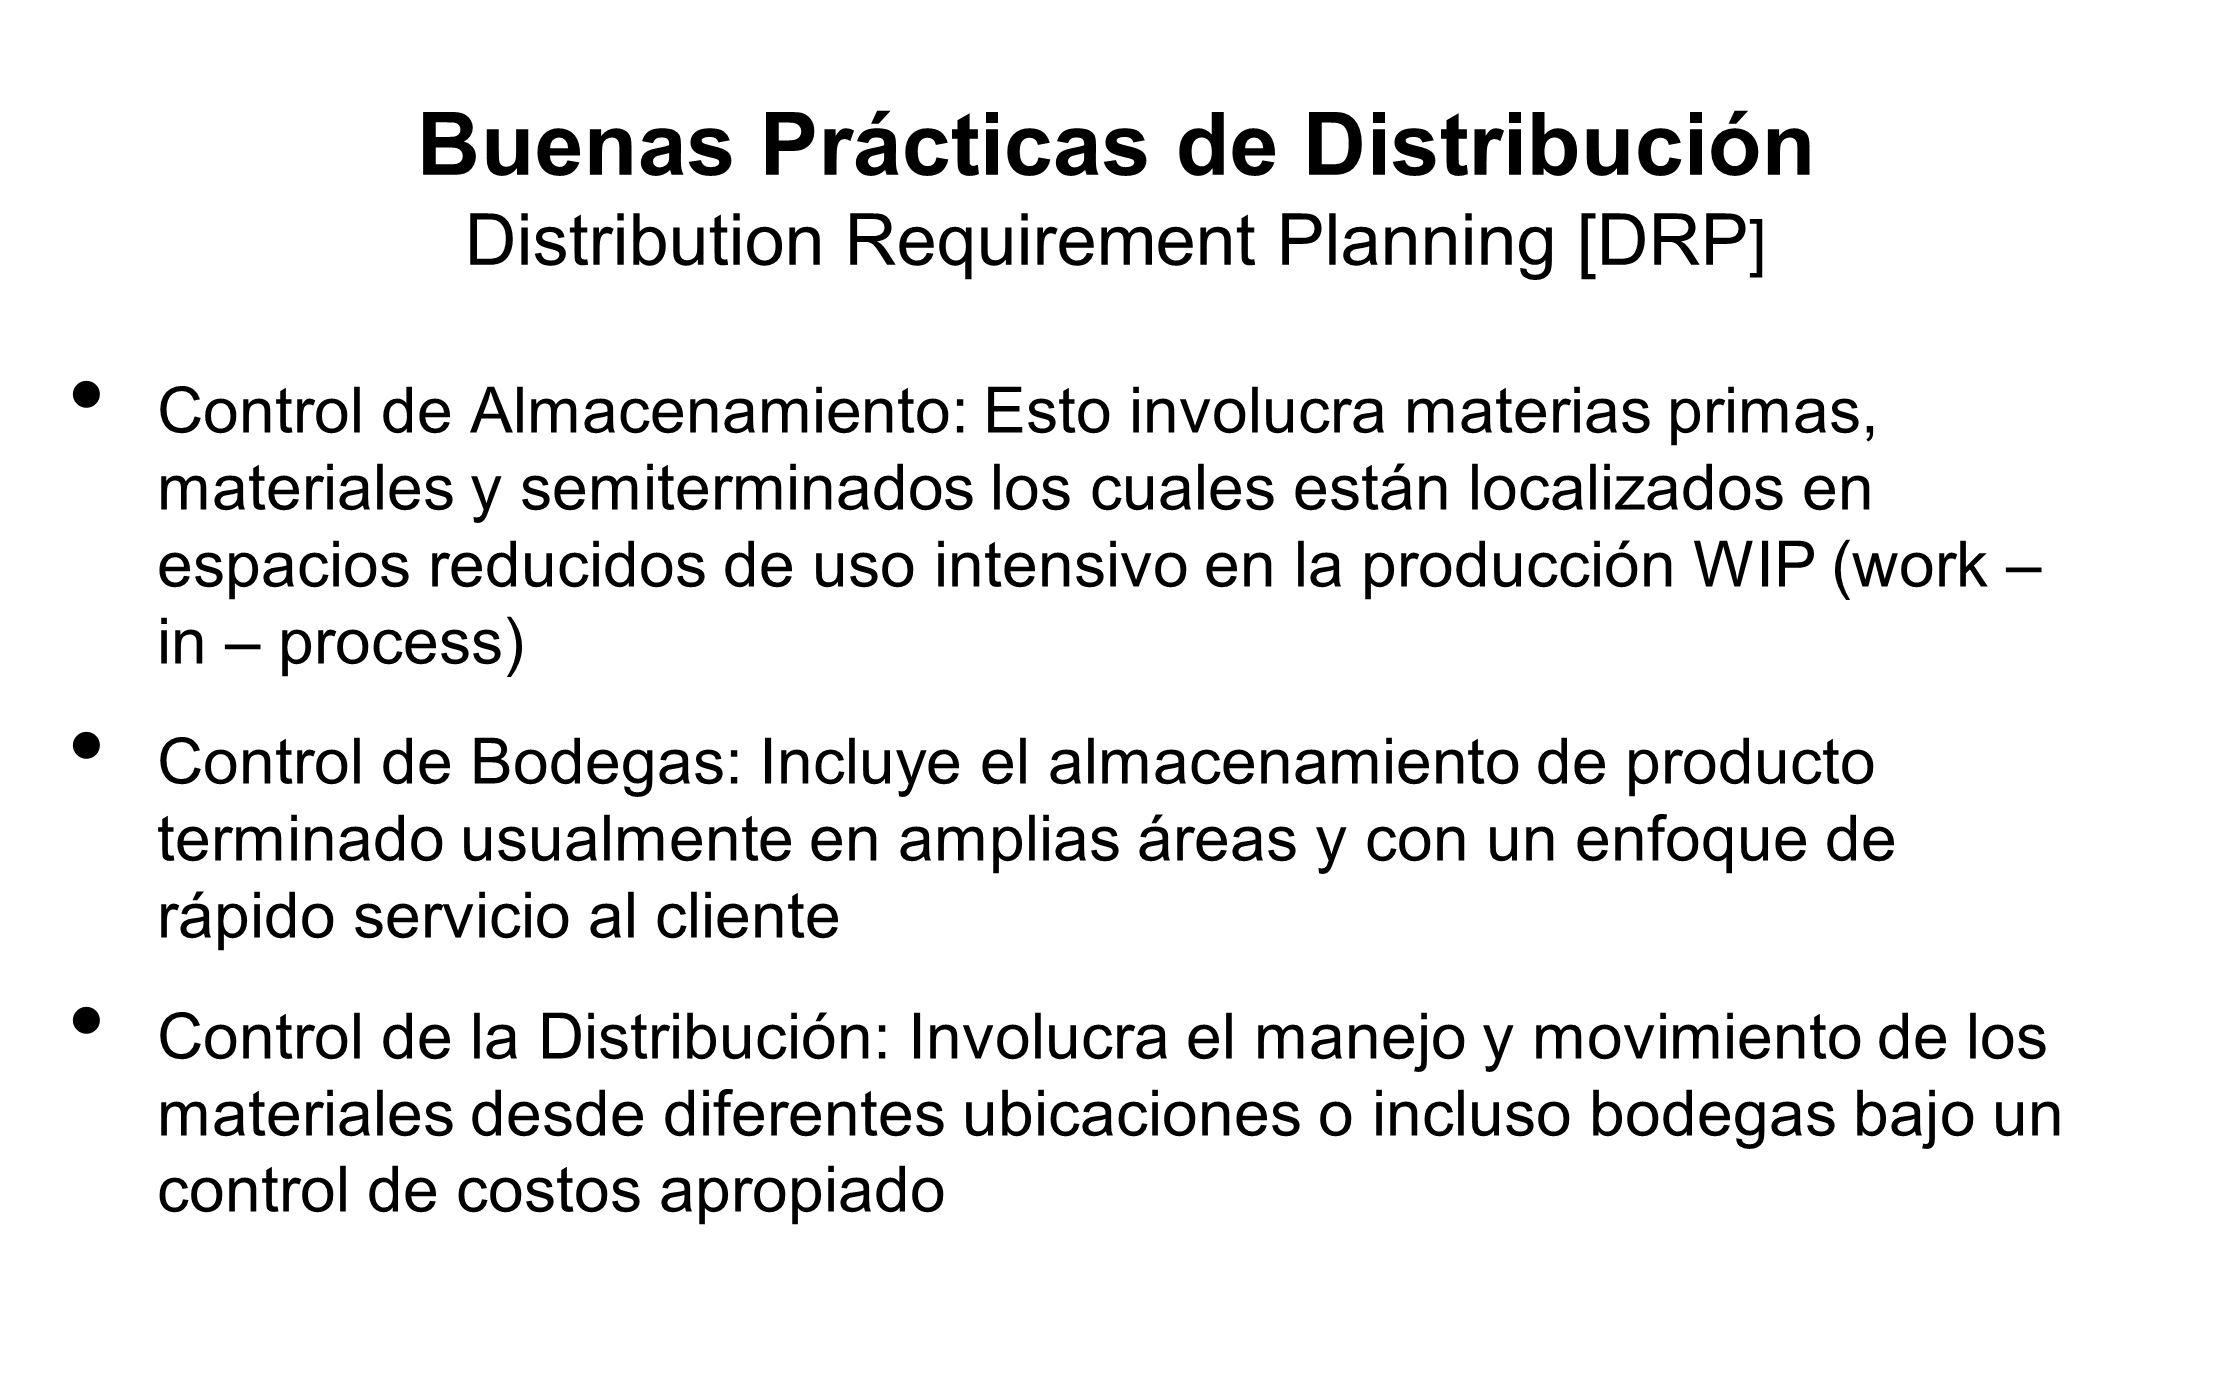 Buenas Prácticas de Distribución Distribution Requirement Planning [DRP]